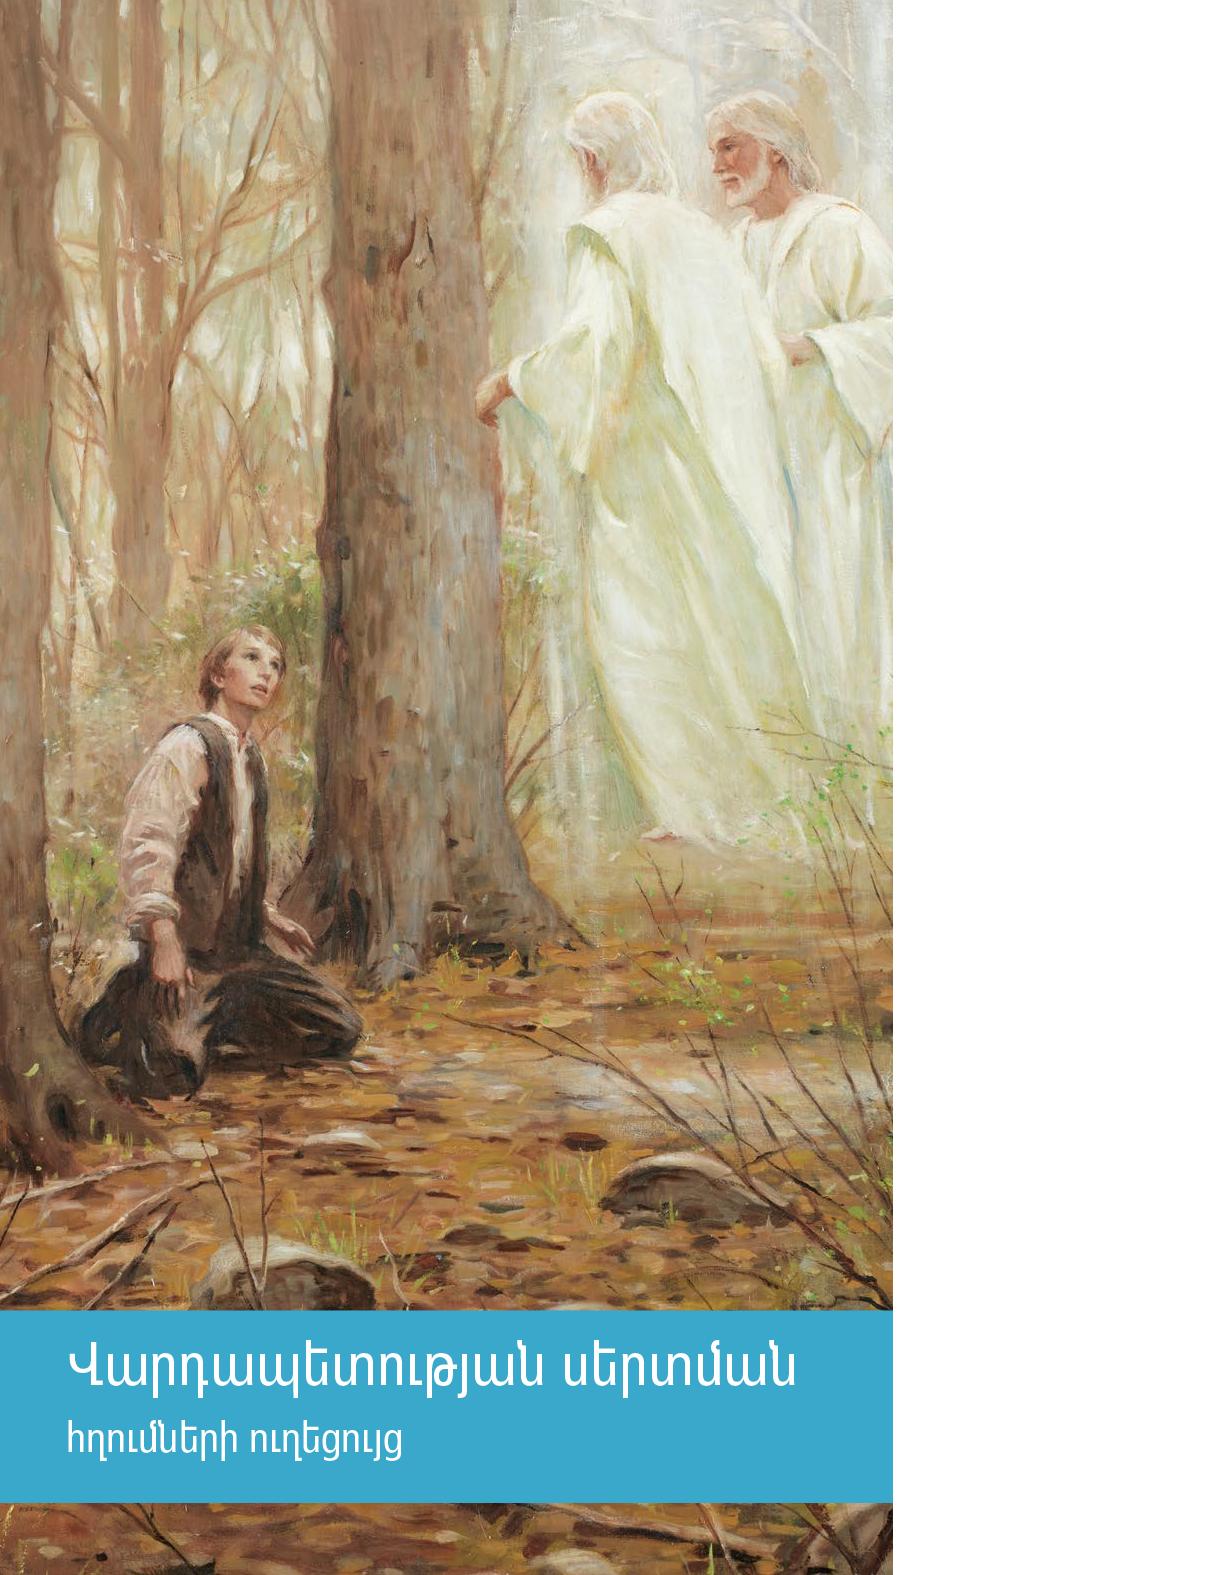 Վարդապետության սերտման հղումների ուղեցույց